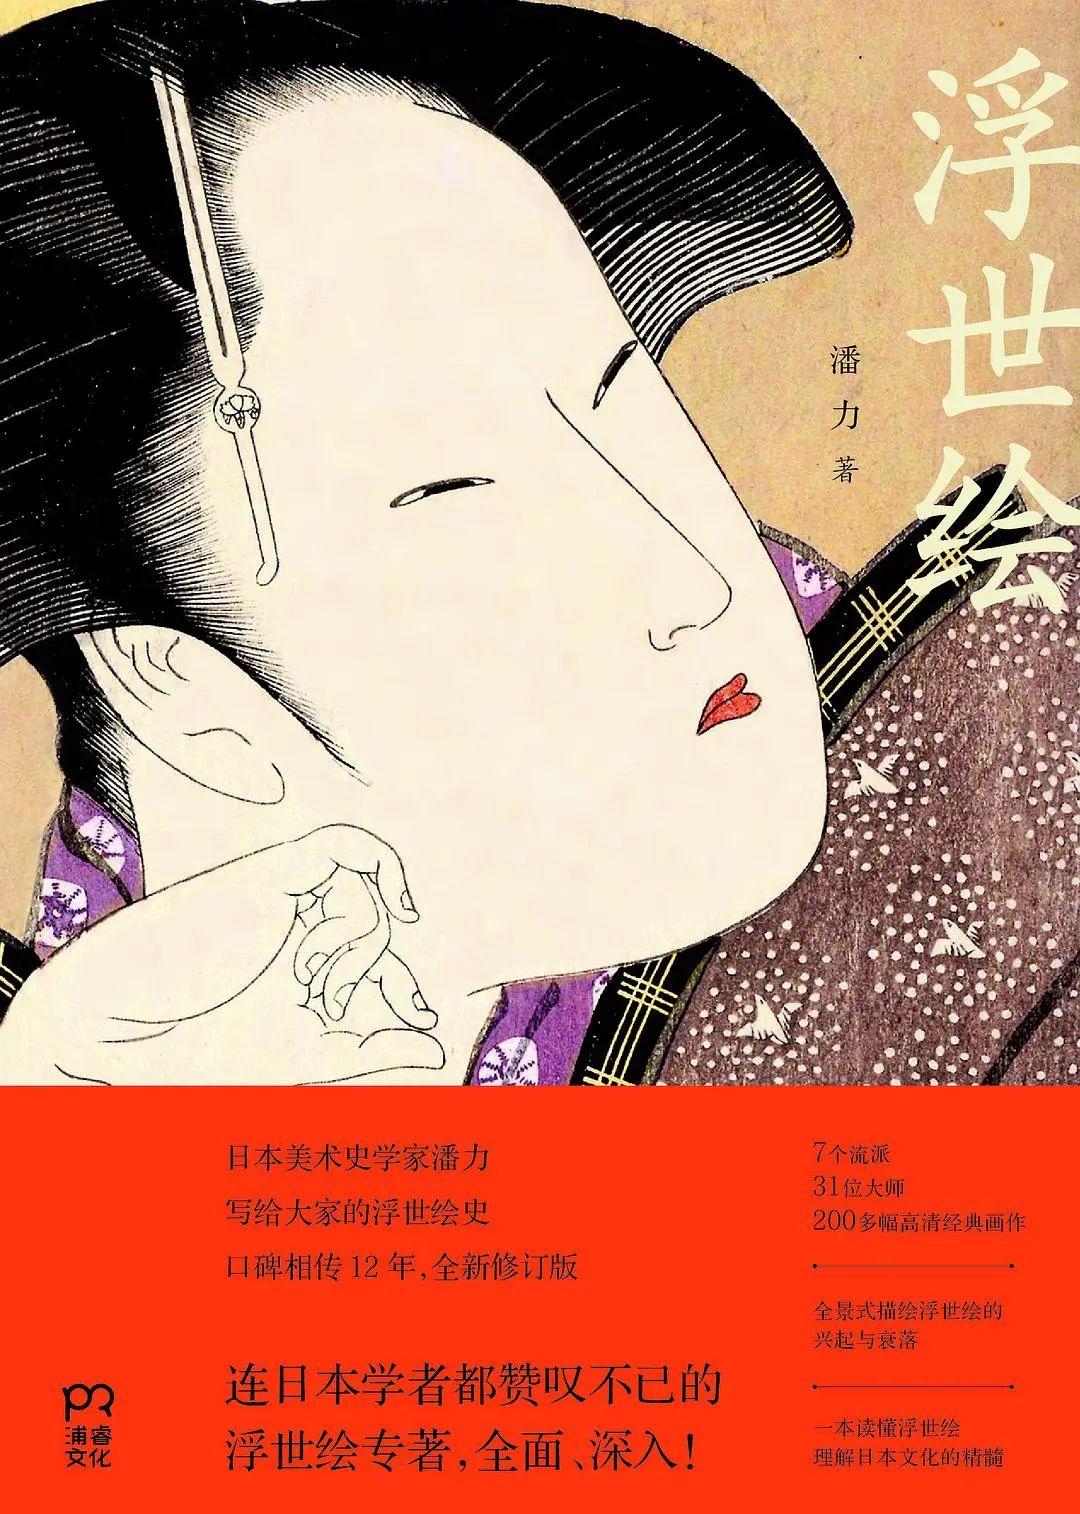 《浮世绘》,潘力著 浦睿文化 | 湖南美术出版社,2020-11